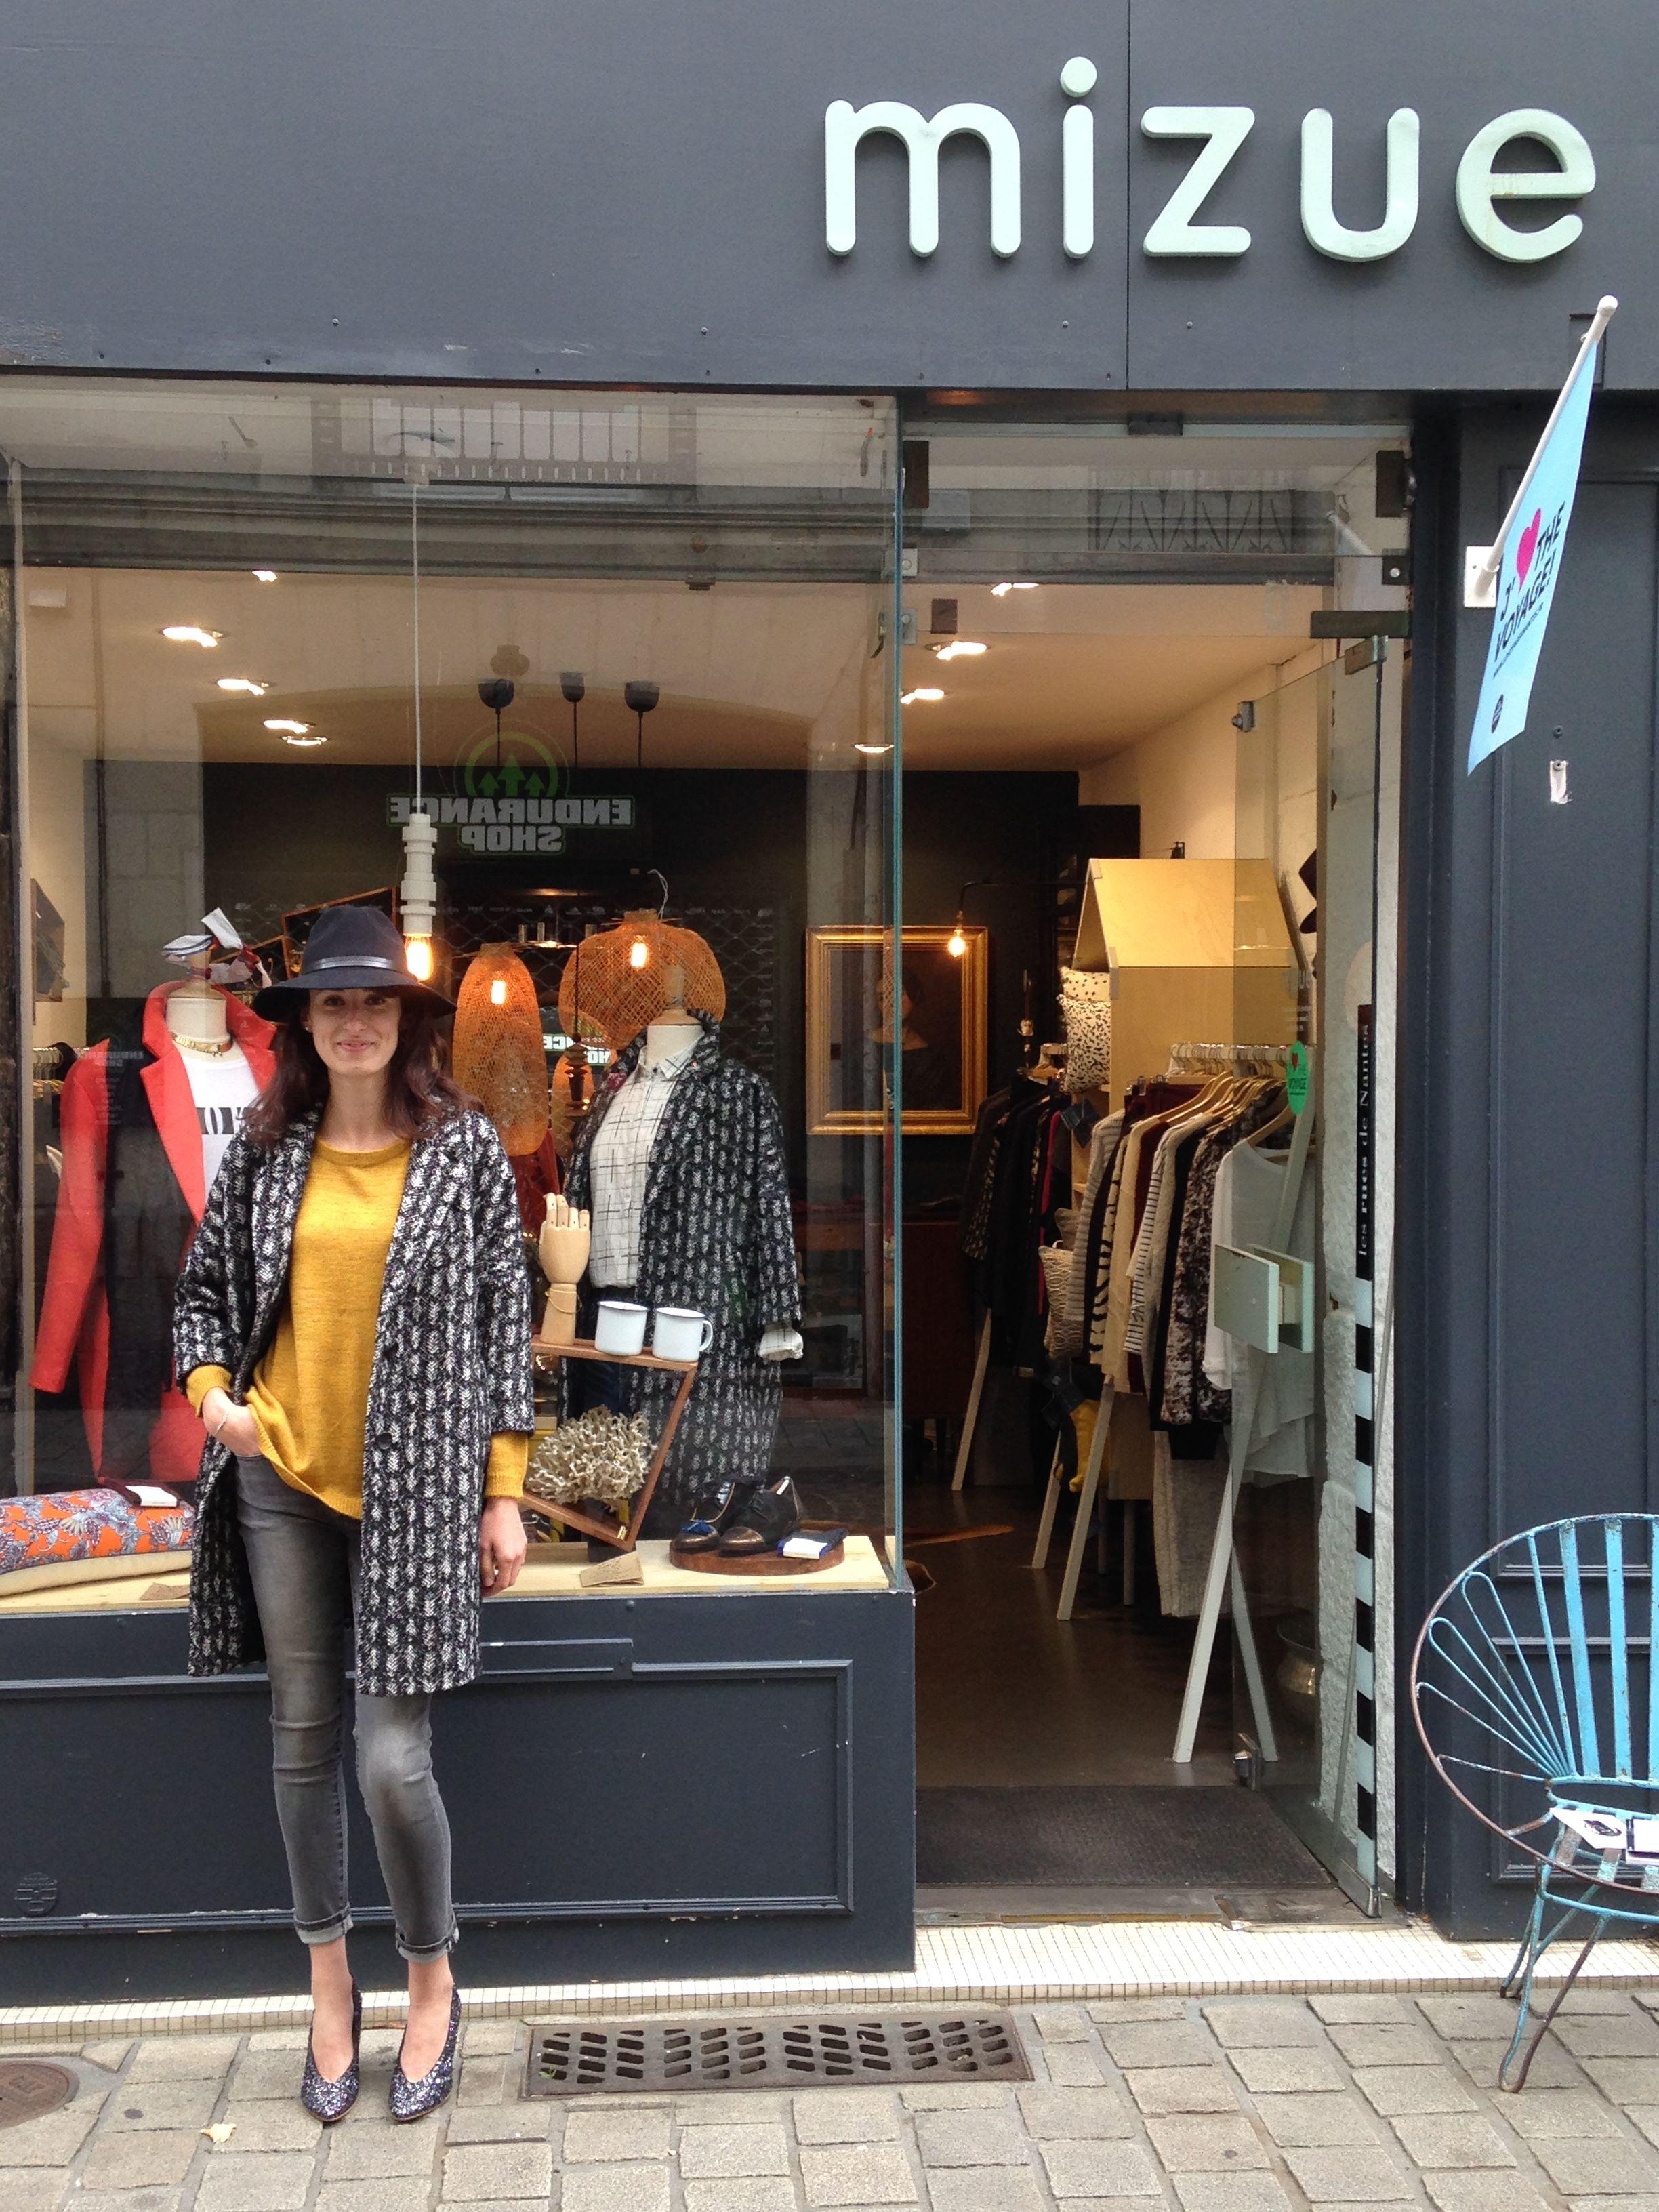 c5455a60912c8f Mizué, The boutique incontournable sur Nantes | Deco boutique ...